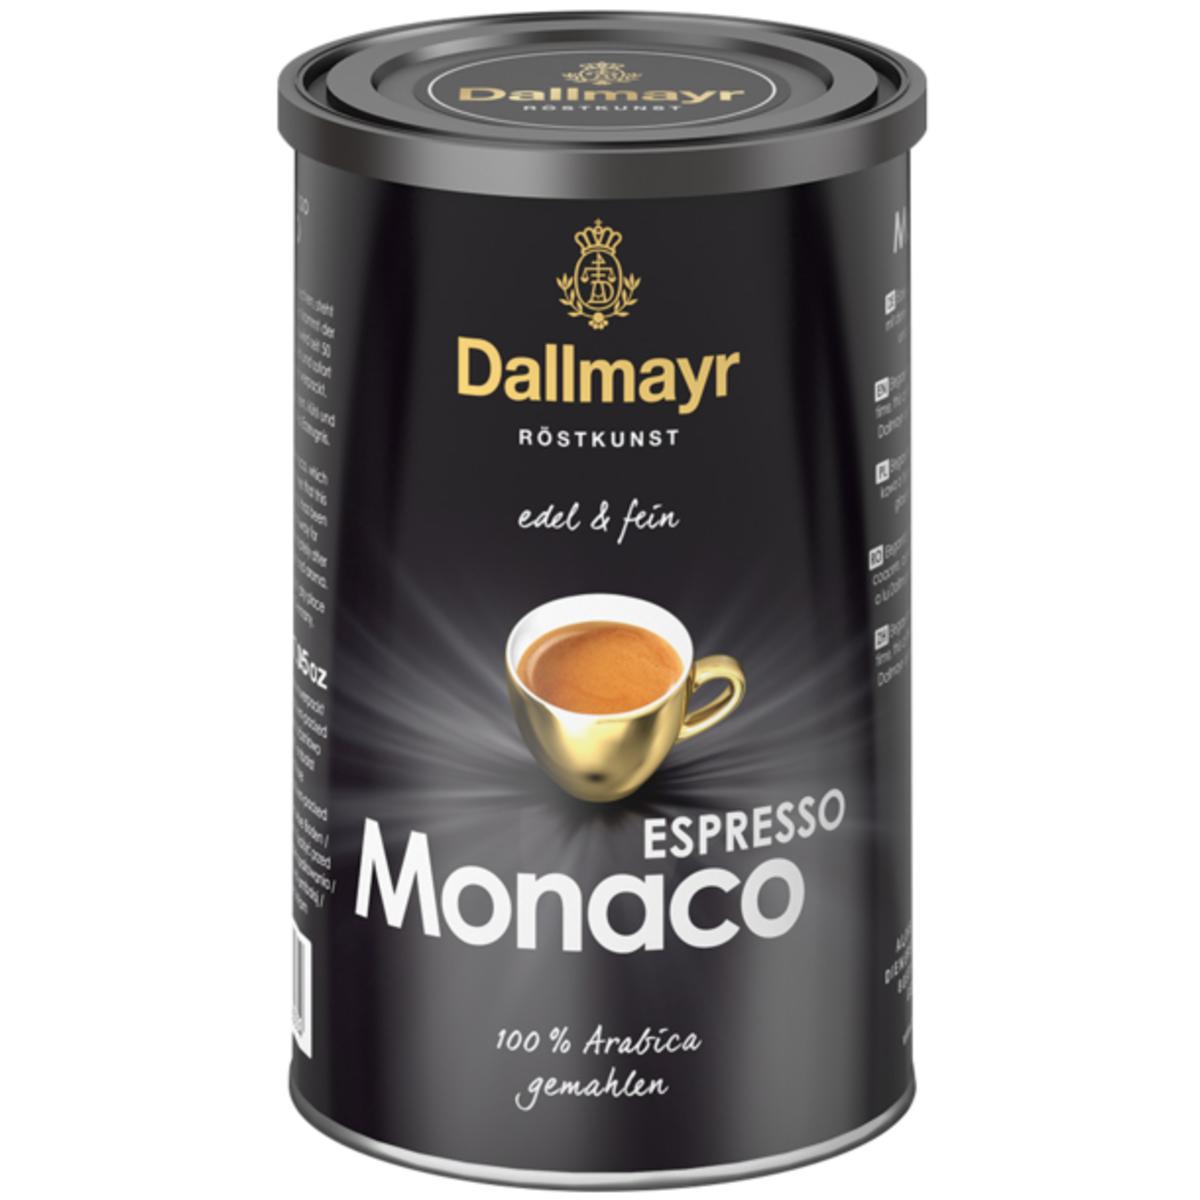 Dallmayr Espresso Monaco 200гр мляно кафе в метална кутия